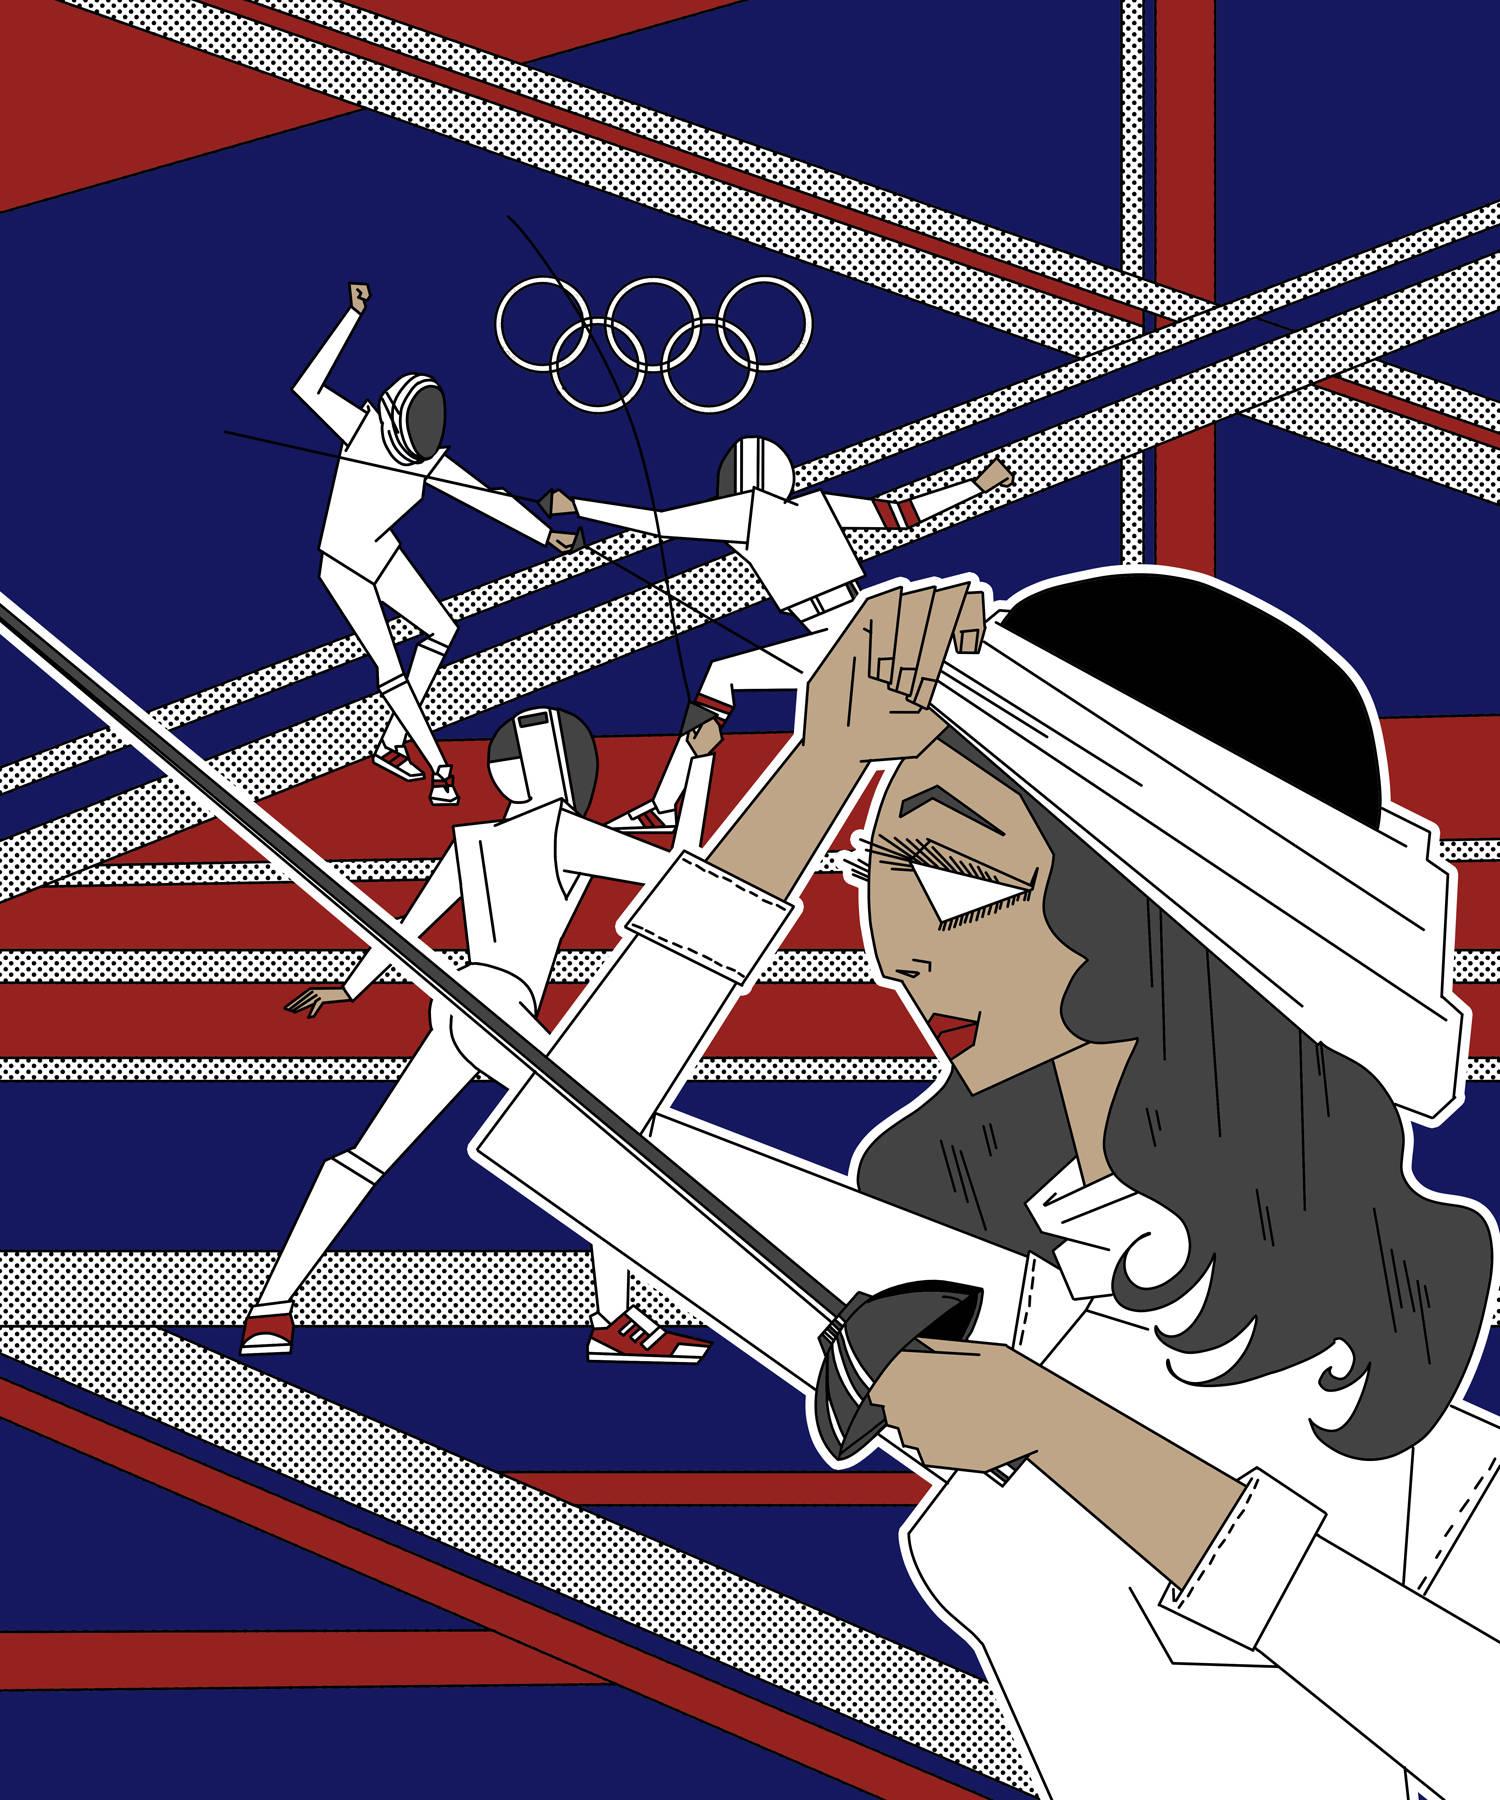 Еле́на Дми́триевна Бело́ва — советская фехтовальщица на рапирах, 4-кратная олимпийская чемпионка, многократная чемпионка мира и СССР, единственная олимпийская чемпионка в индивидуальном виде в истории советского фехтования. Экс-рекордсменка по количеству завоеванных золотых олимпийских медалей по фехтованию на рапирах среди женщин